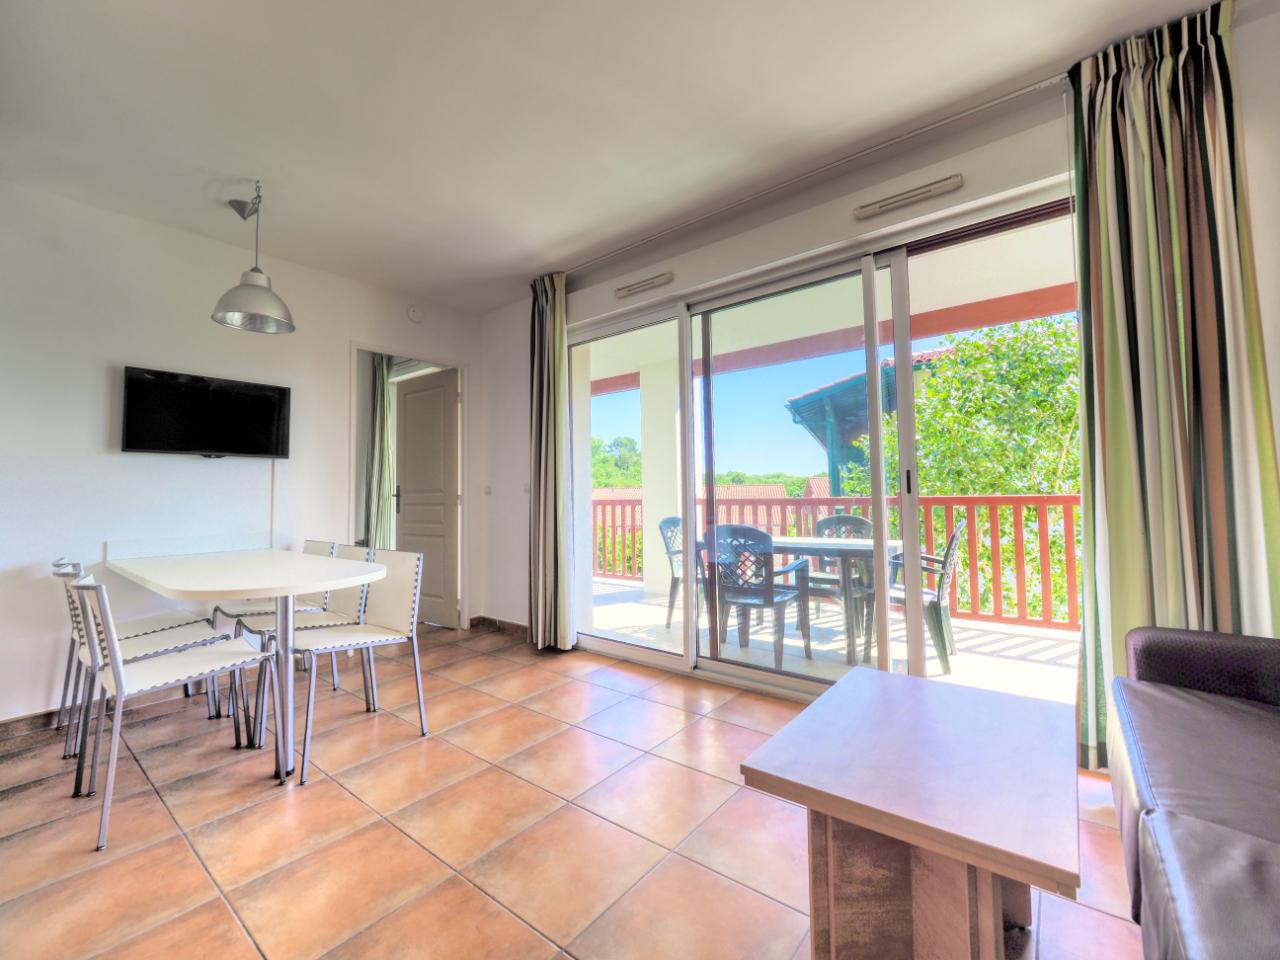 vente appartement à SAINT JEAN DE LUZ - 245 000